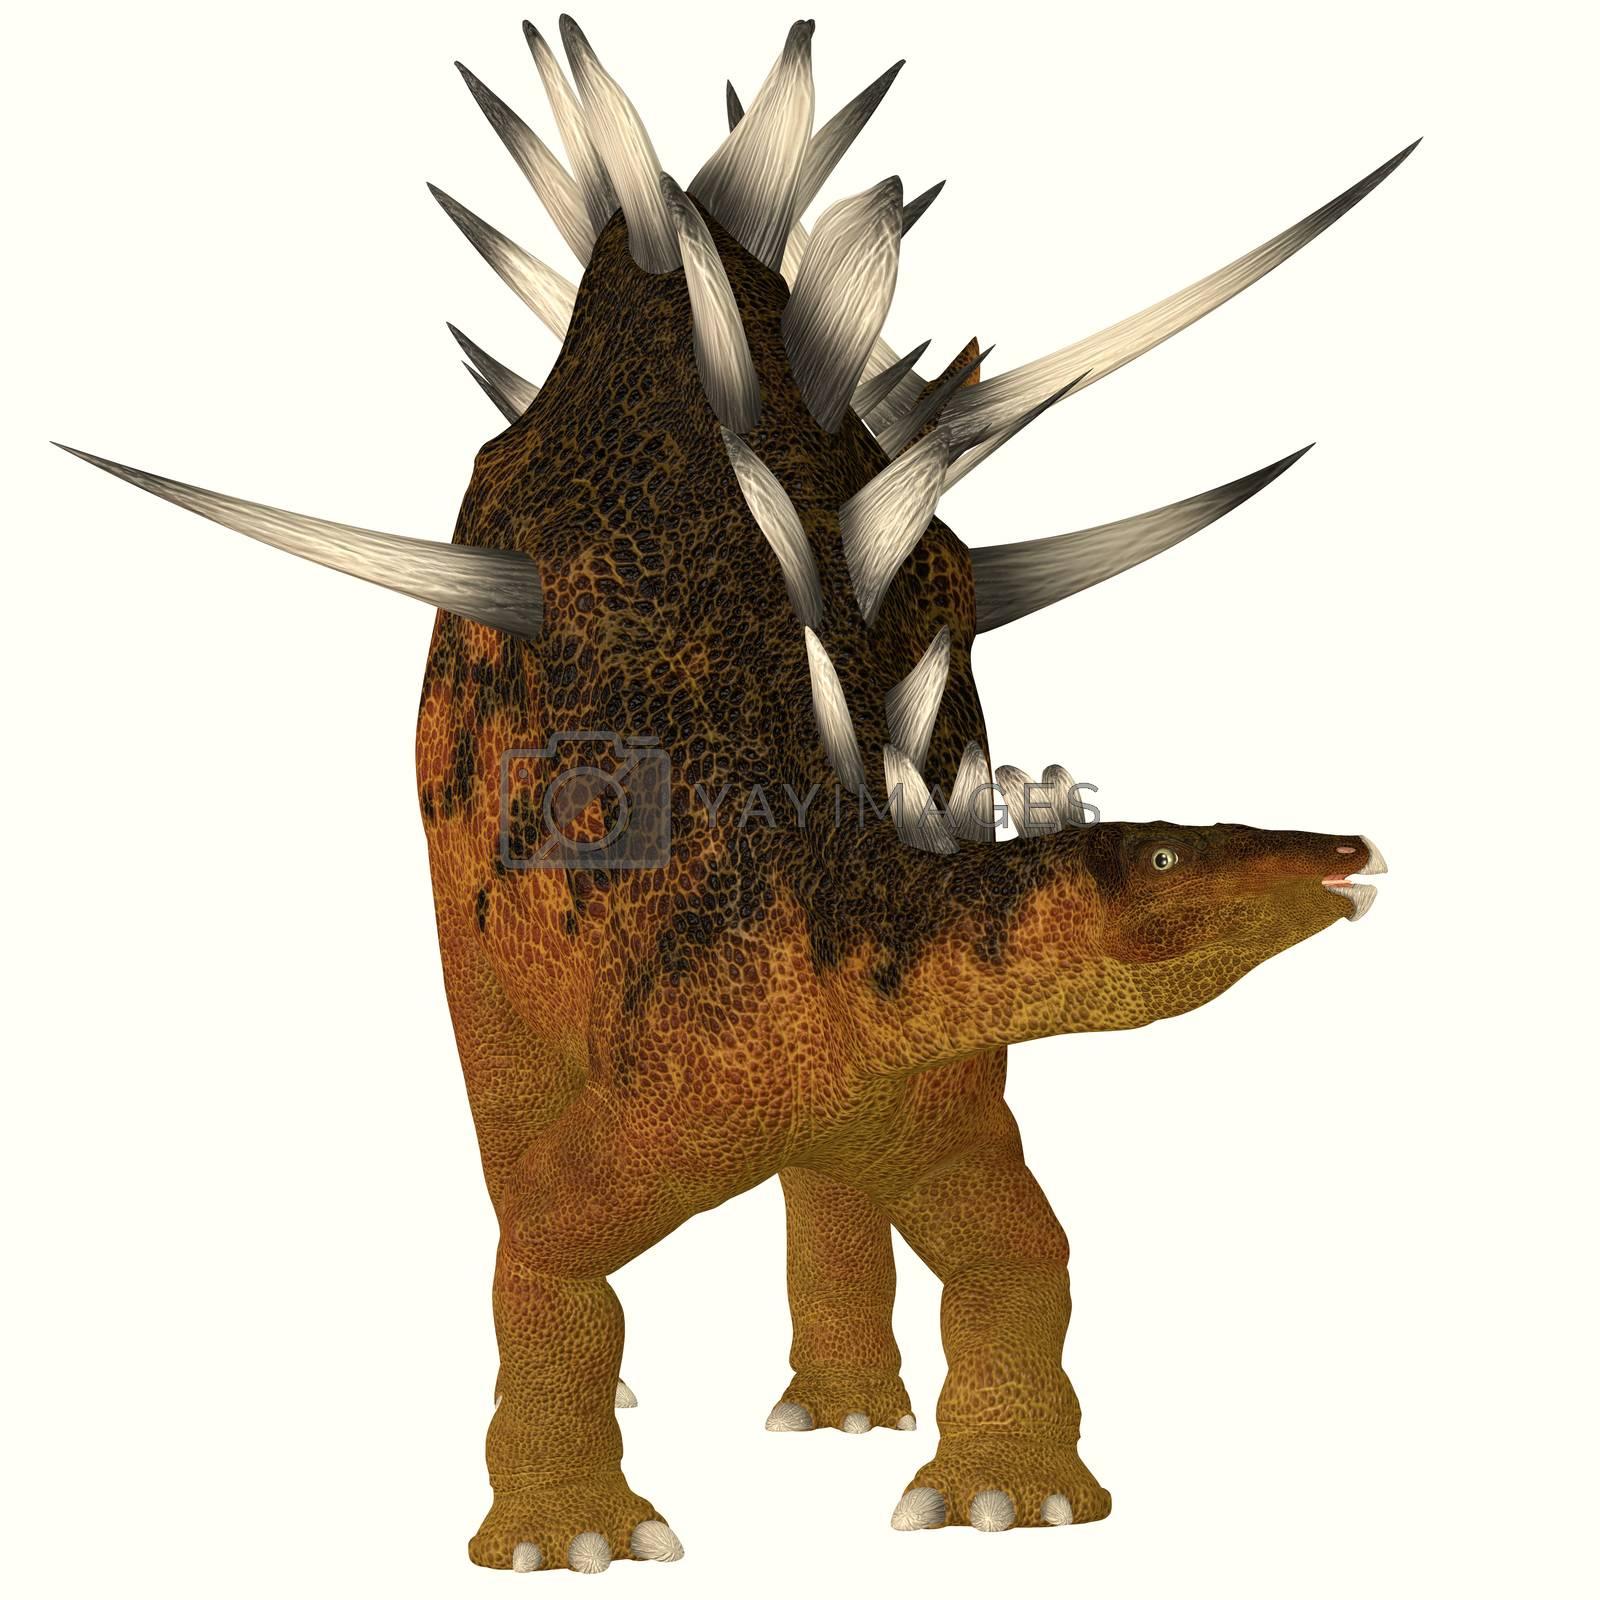 Royalty free image of Kentrosaurus on White by Catmando